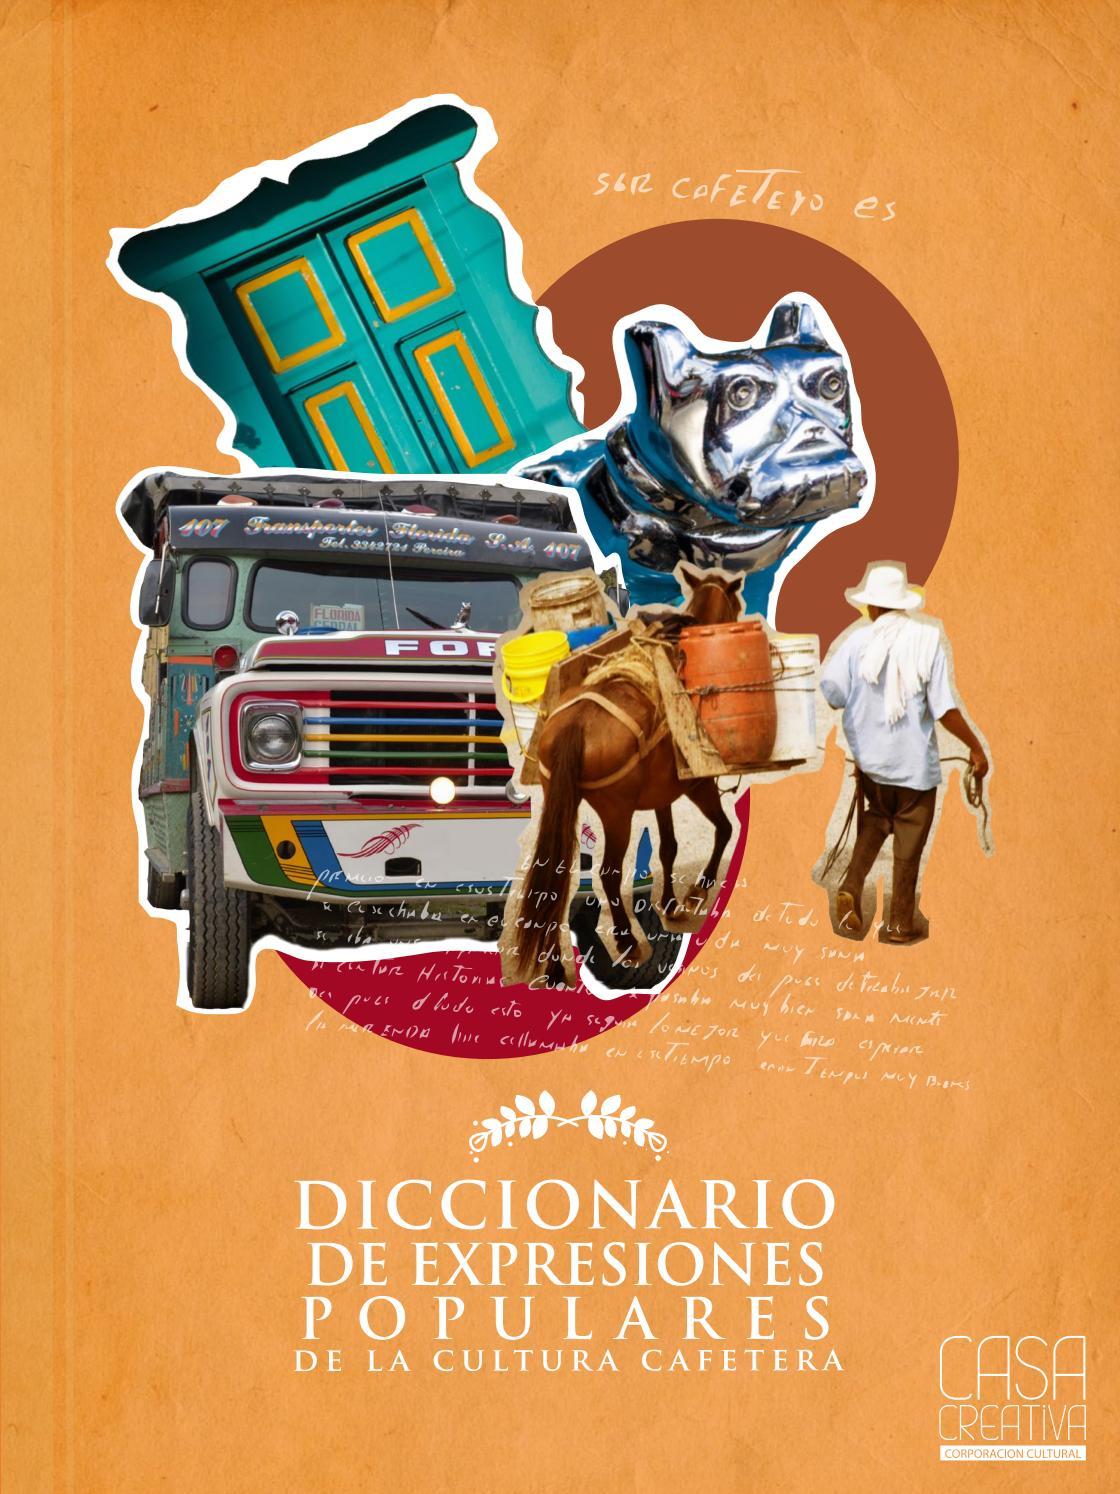 Dicionario De Expresiones Populares De La Cultura Cafetera